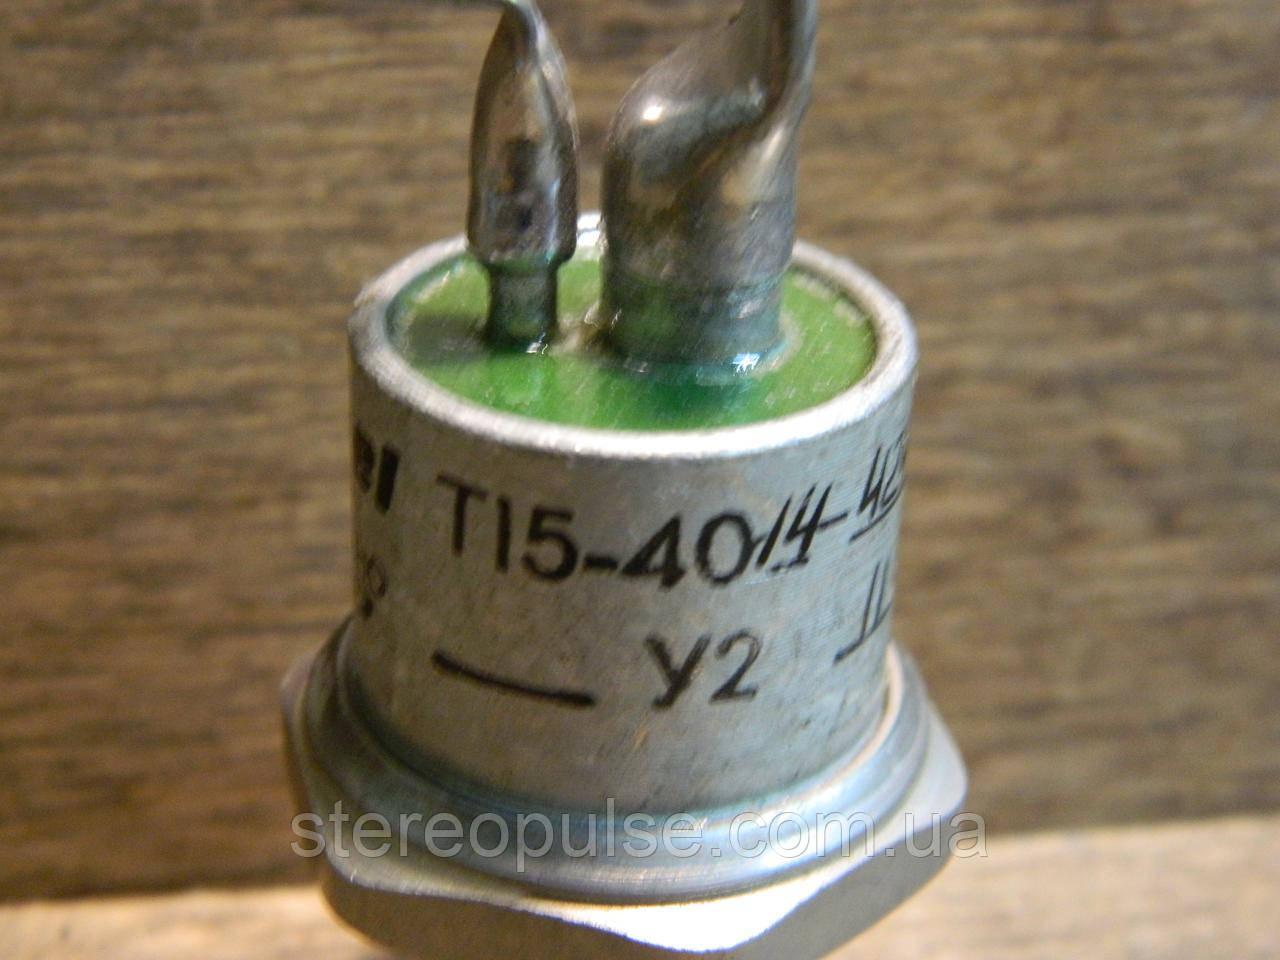 Тиристор Т15 - 40 - 14